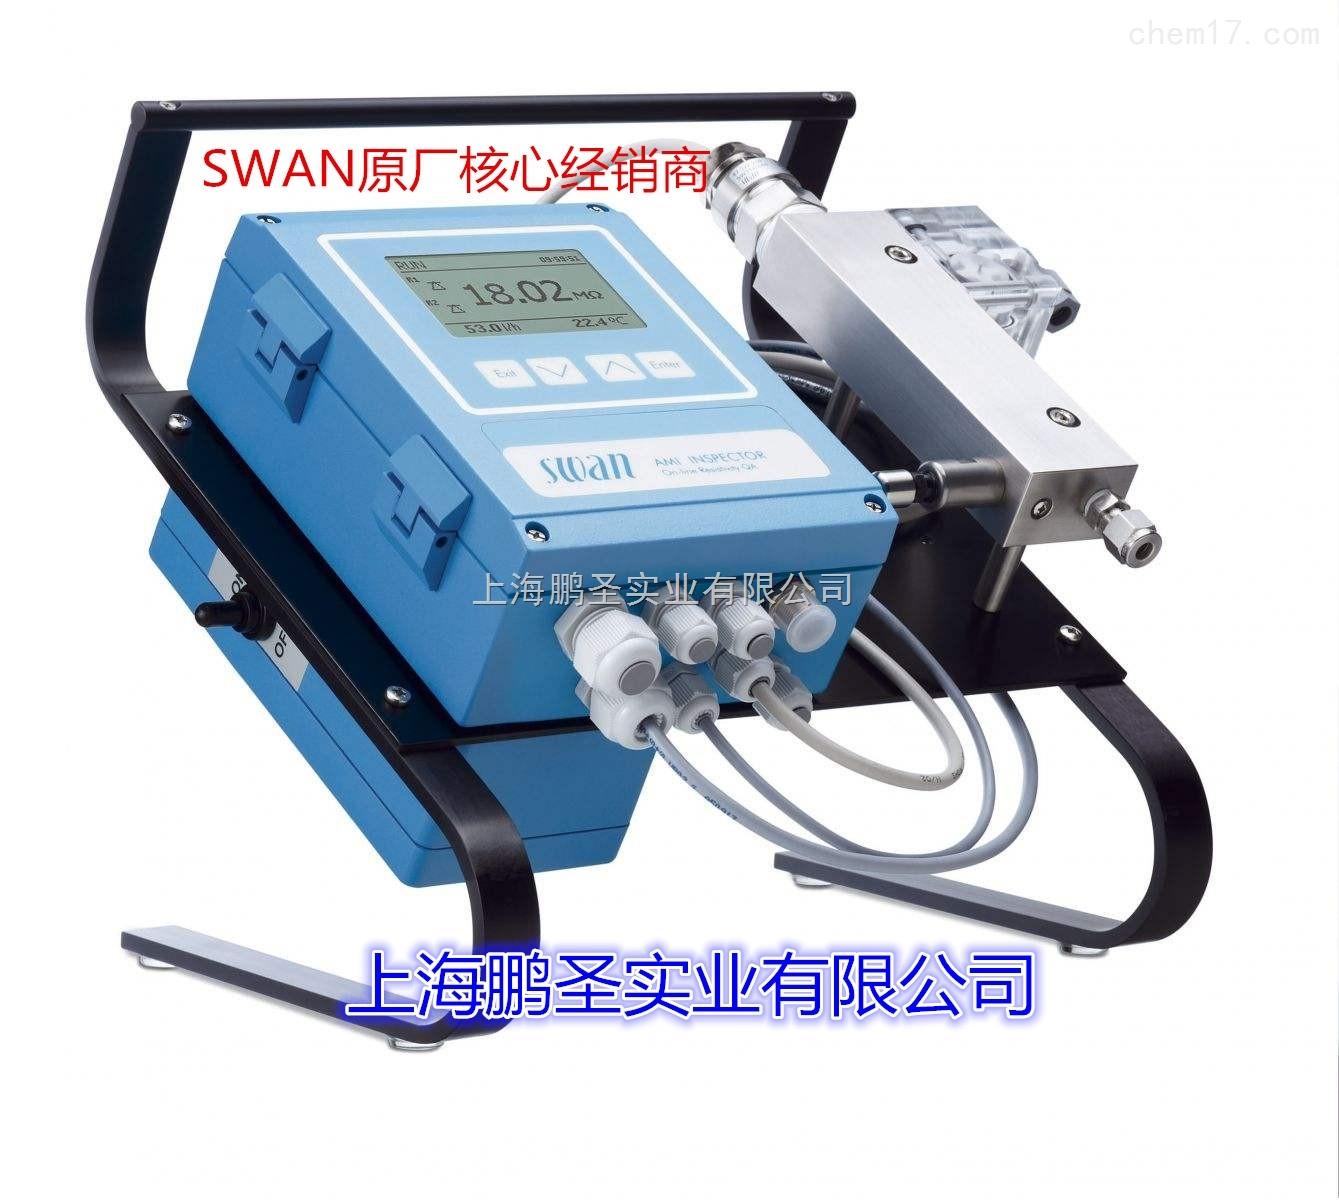 SWAN水质分析仪重庆授权代理商